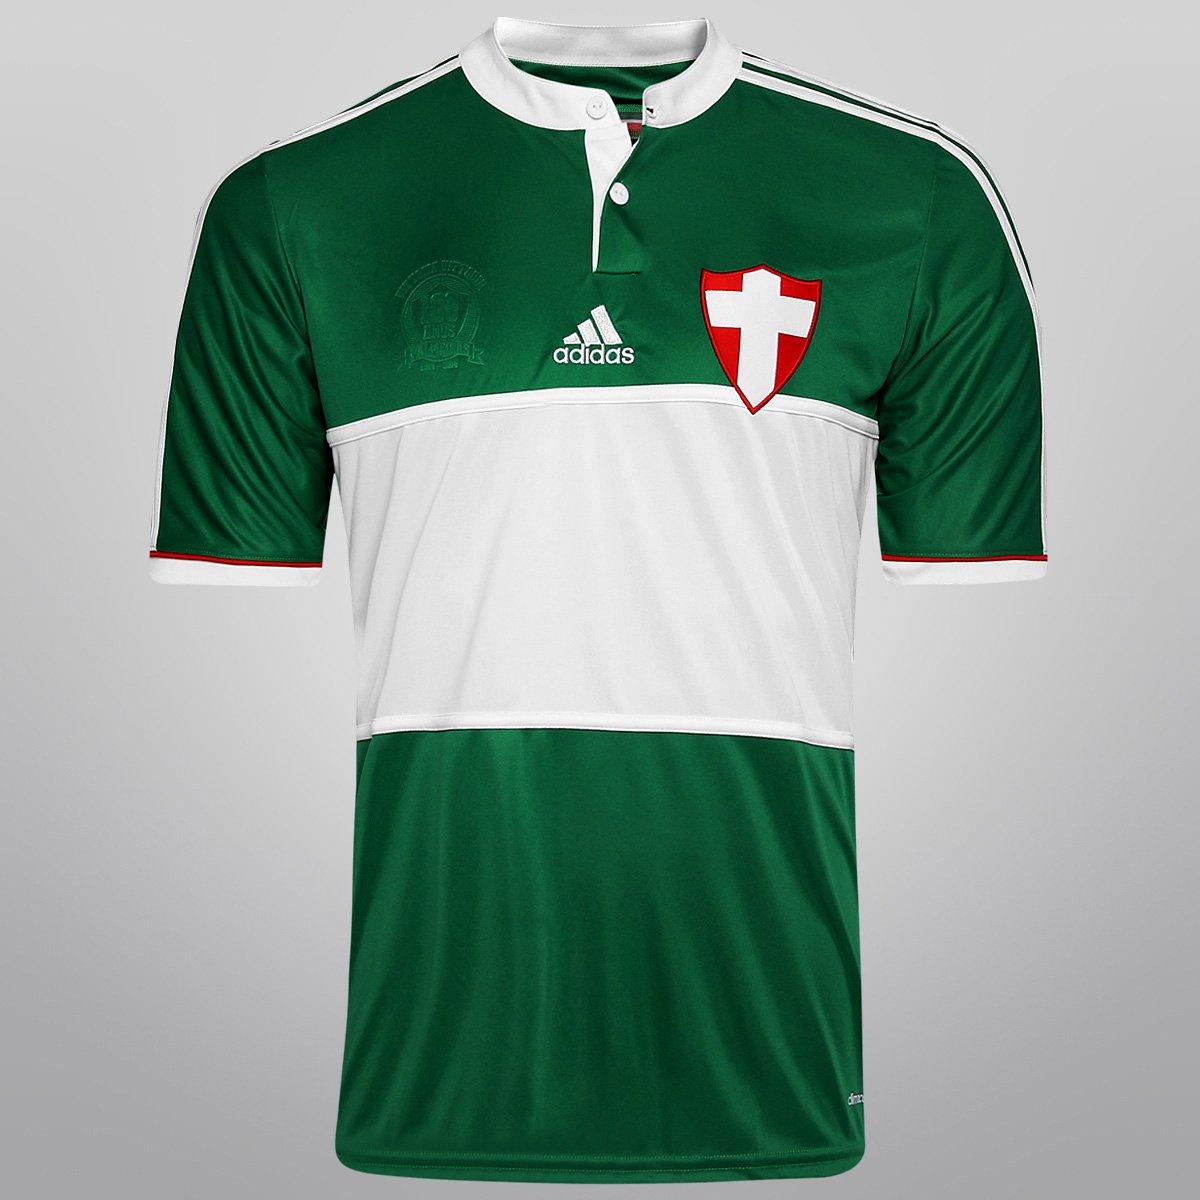 e52dbe7075 Camisa Adidas Palmeiras 14 15 s nº - Savoia - Compre Agora